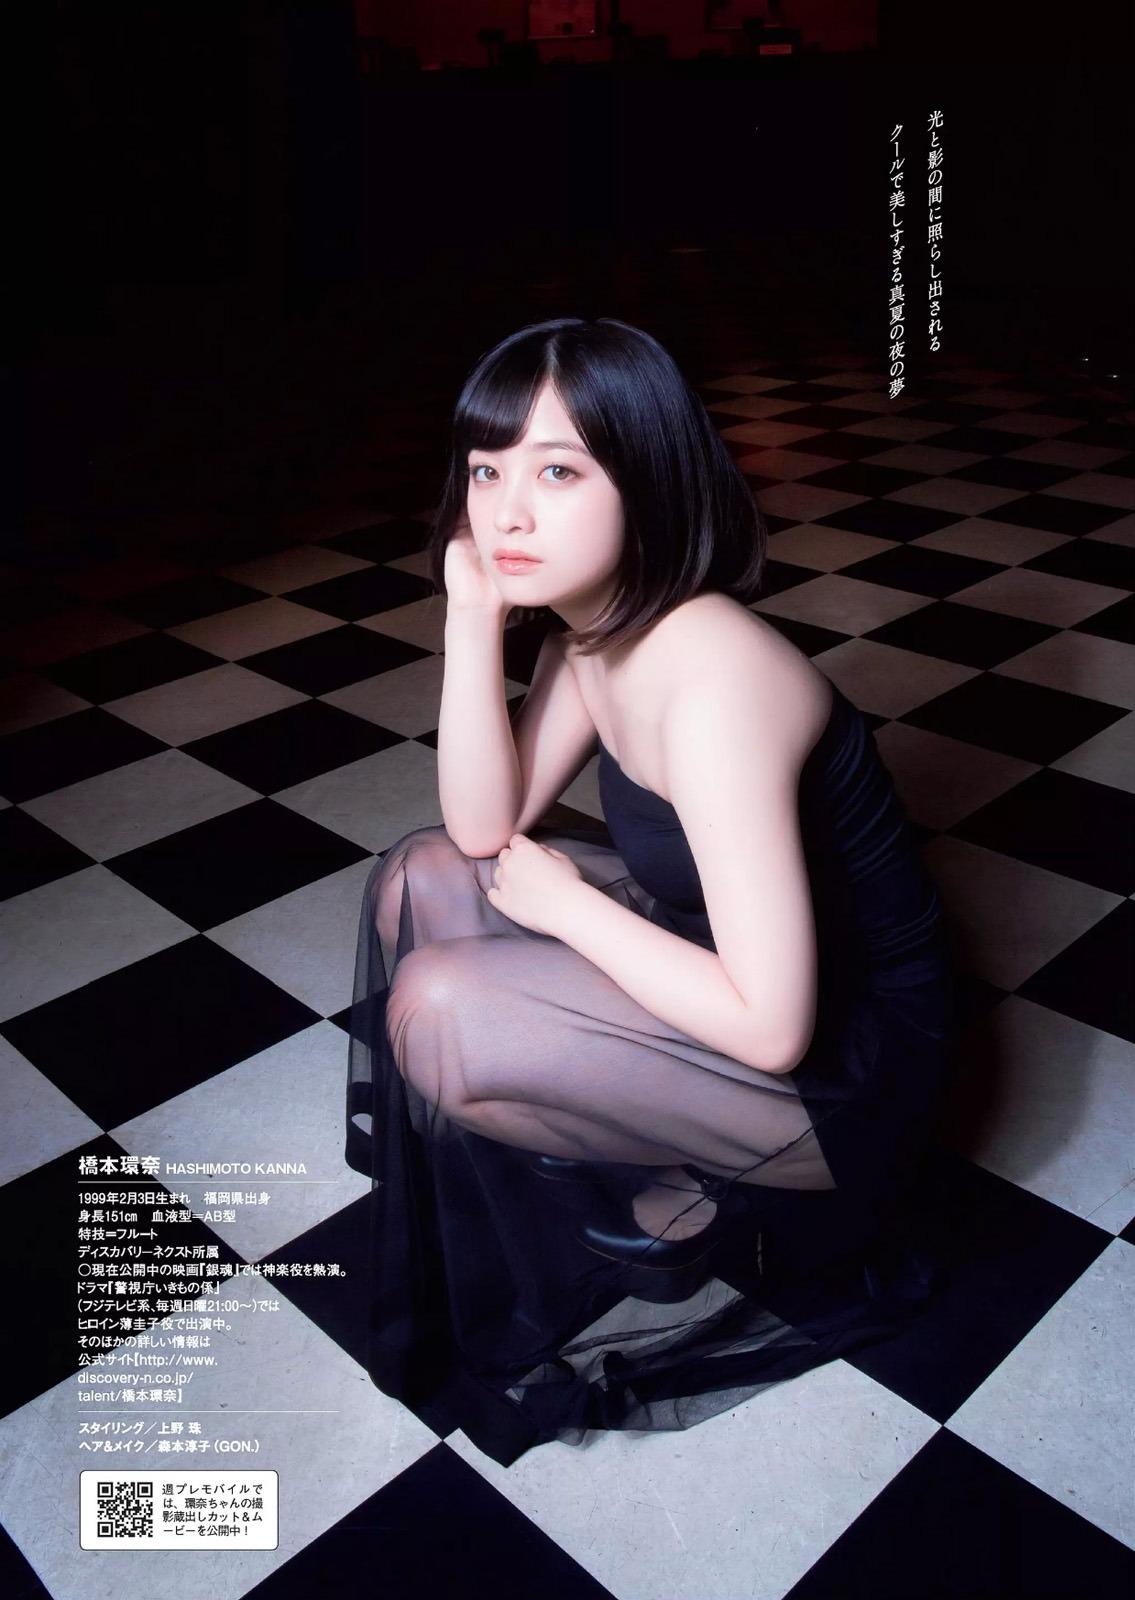 img 59a3cb8c9eeca - 千年に一度のアイドル、橋本環奈ちゃん!久々のグラビア画像!